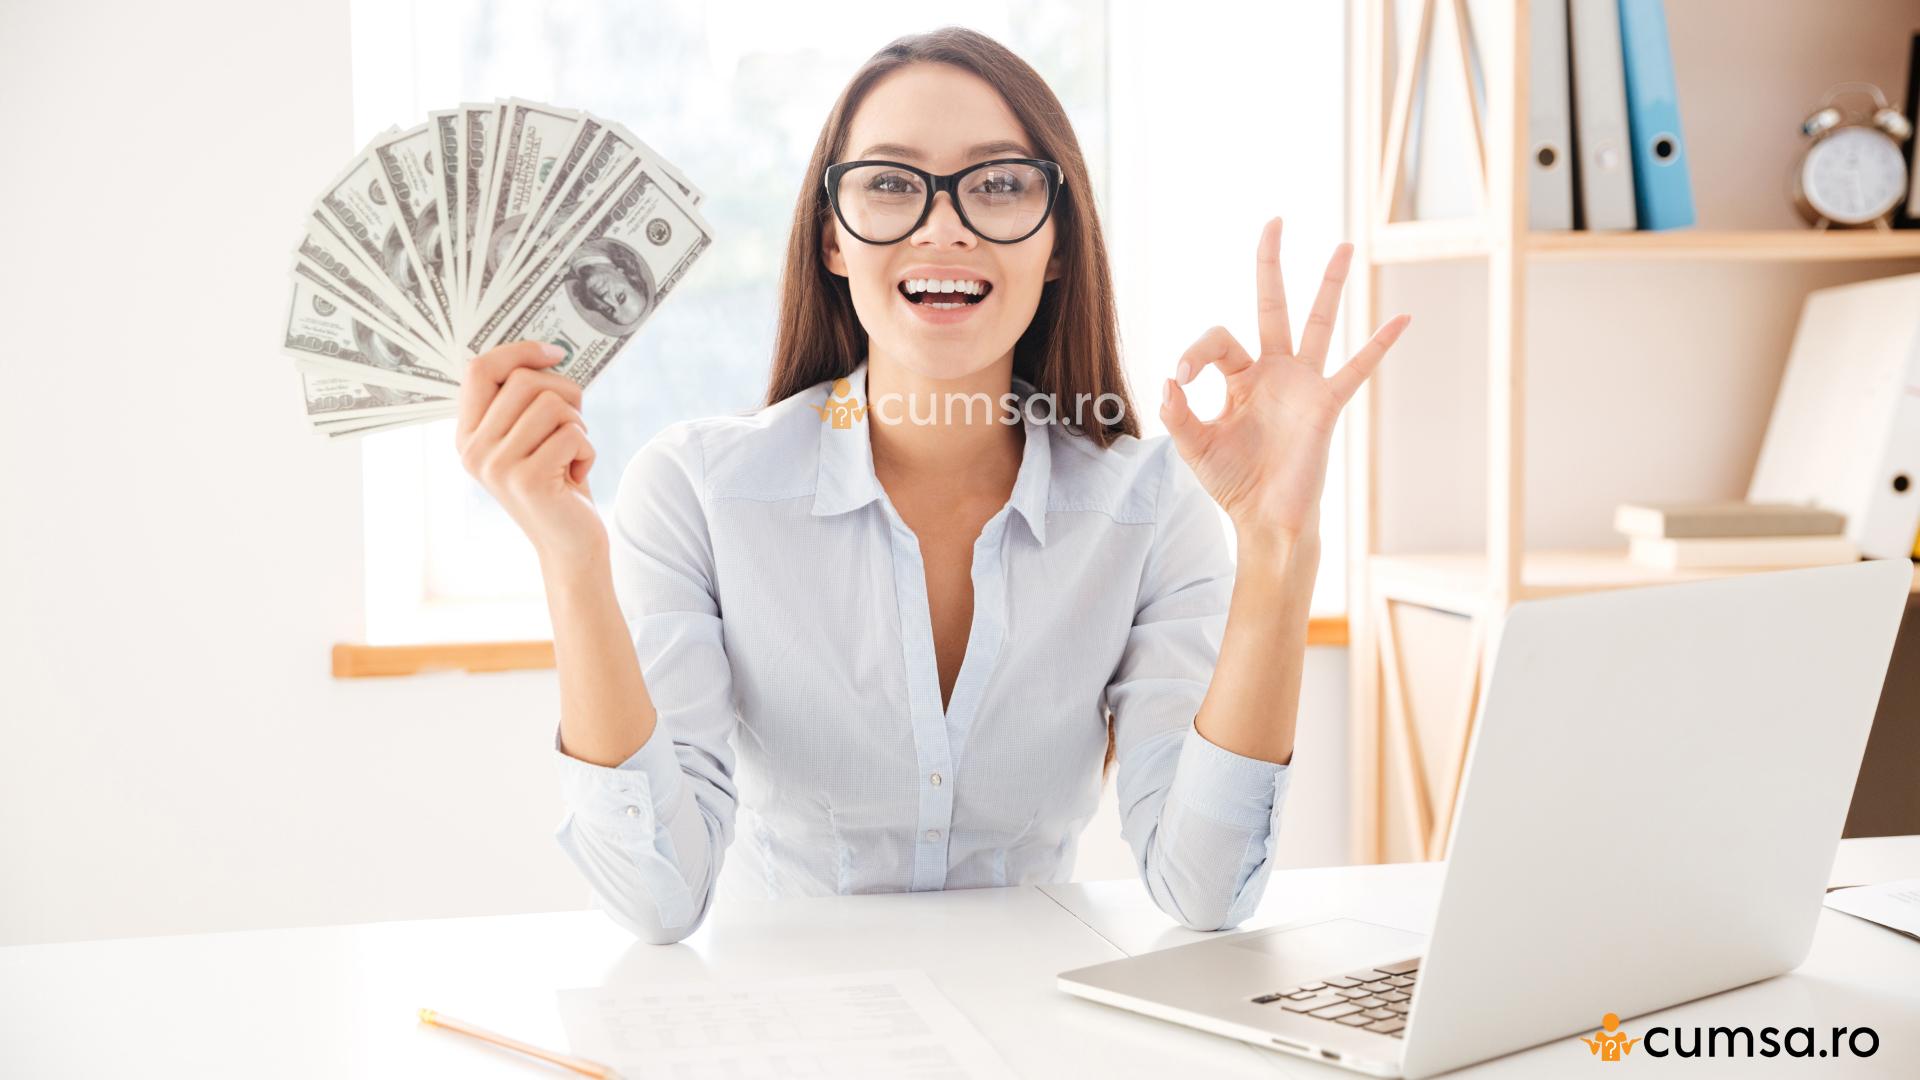 exemple despre cât de ușor este să câștigi bani